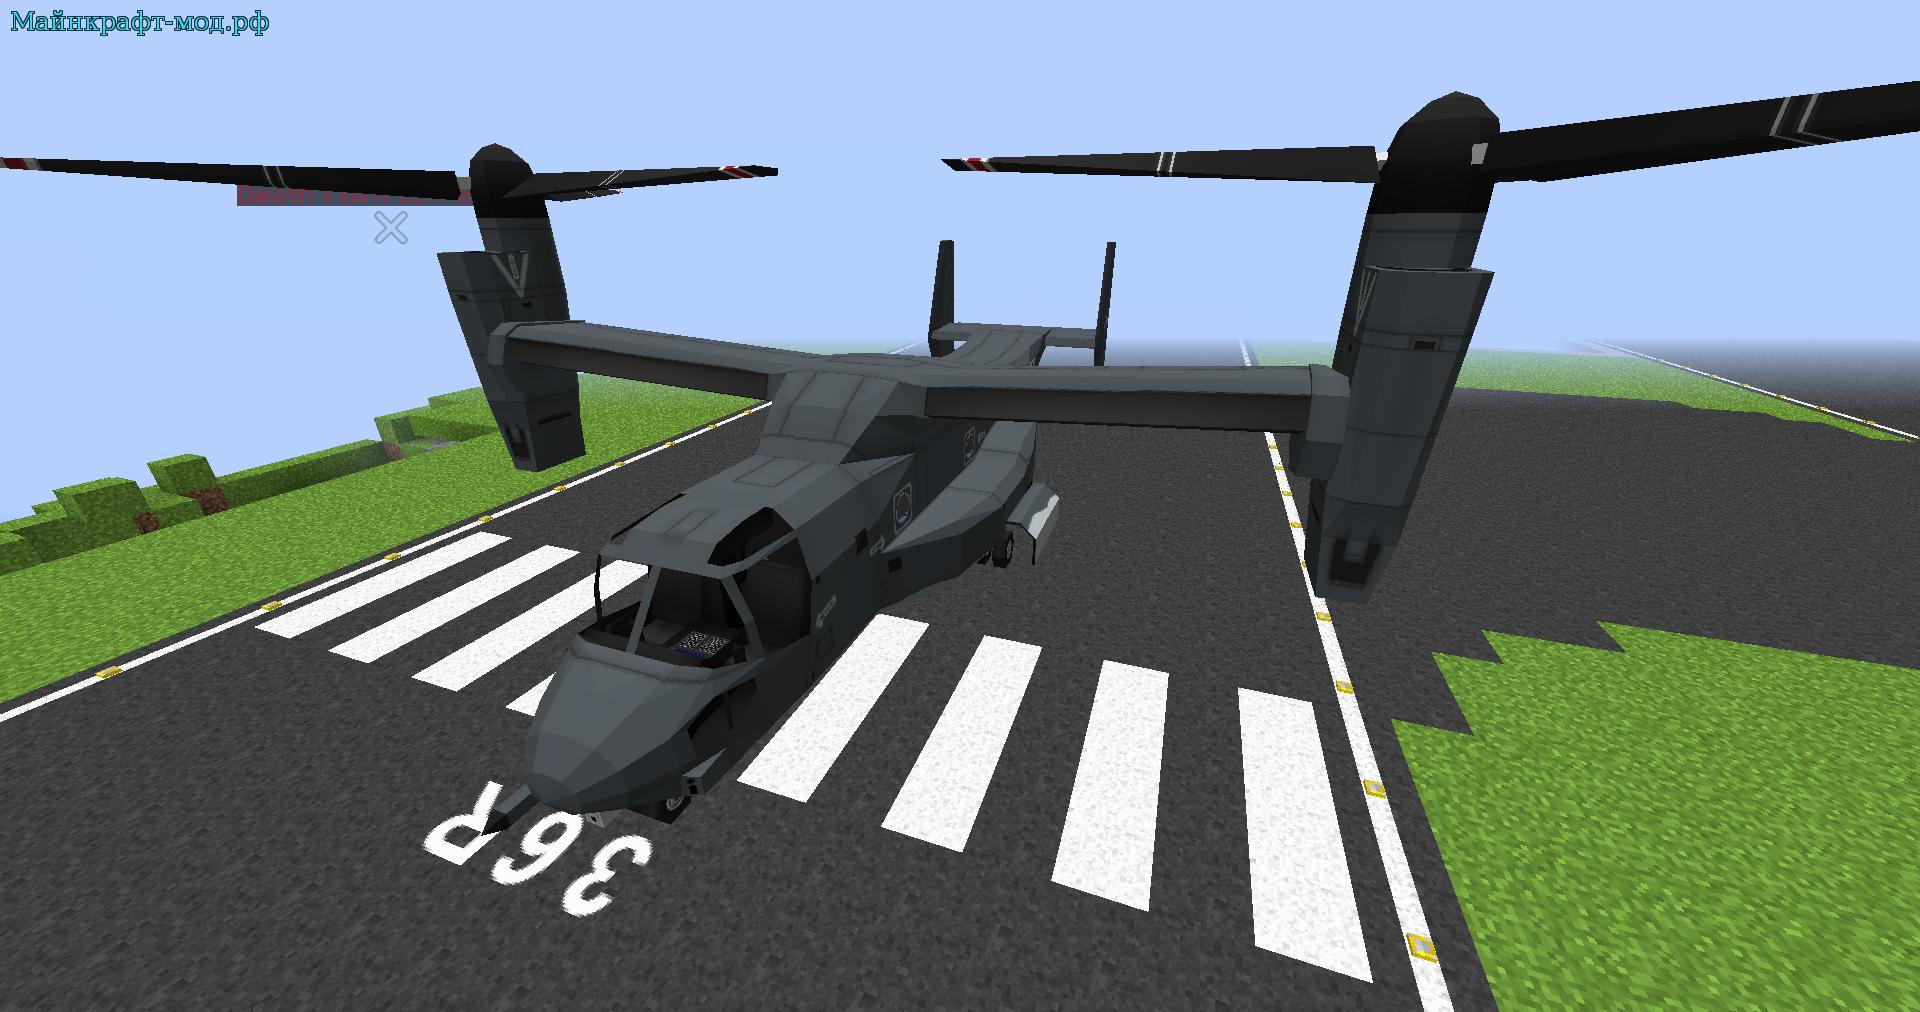 Мод на самолеты и танки для Майнкрафт 1.8, 1.7.10, 1.6.4 ...